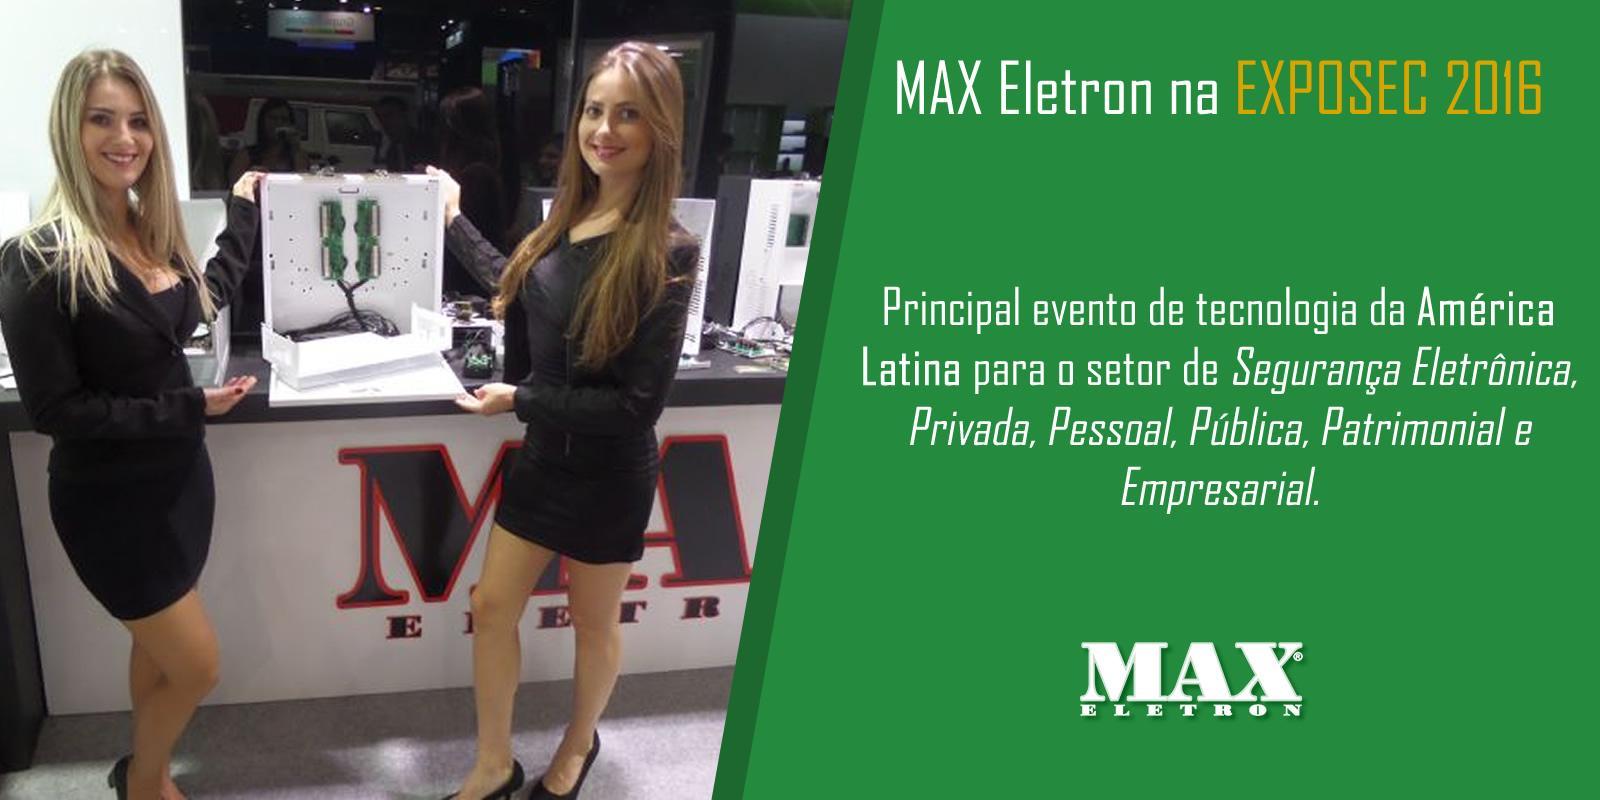 MAX Eletron na EXPOSEC 2016 em São Paulo